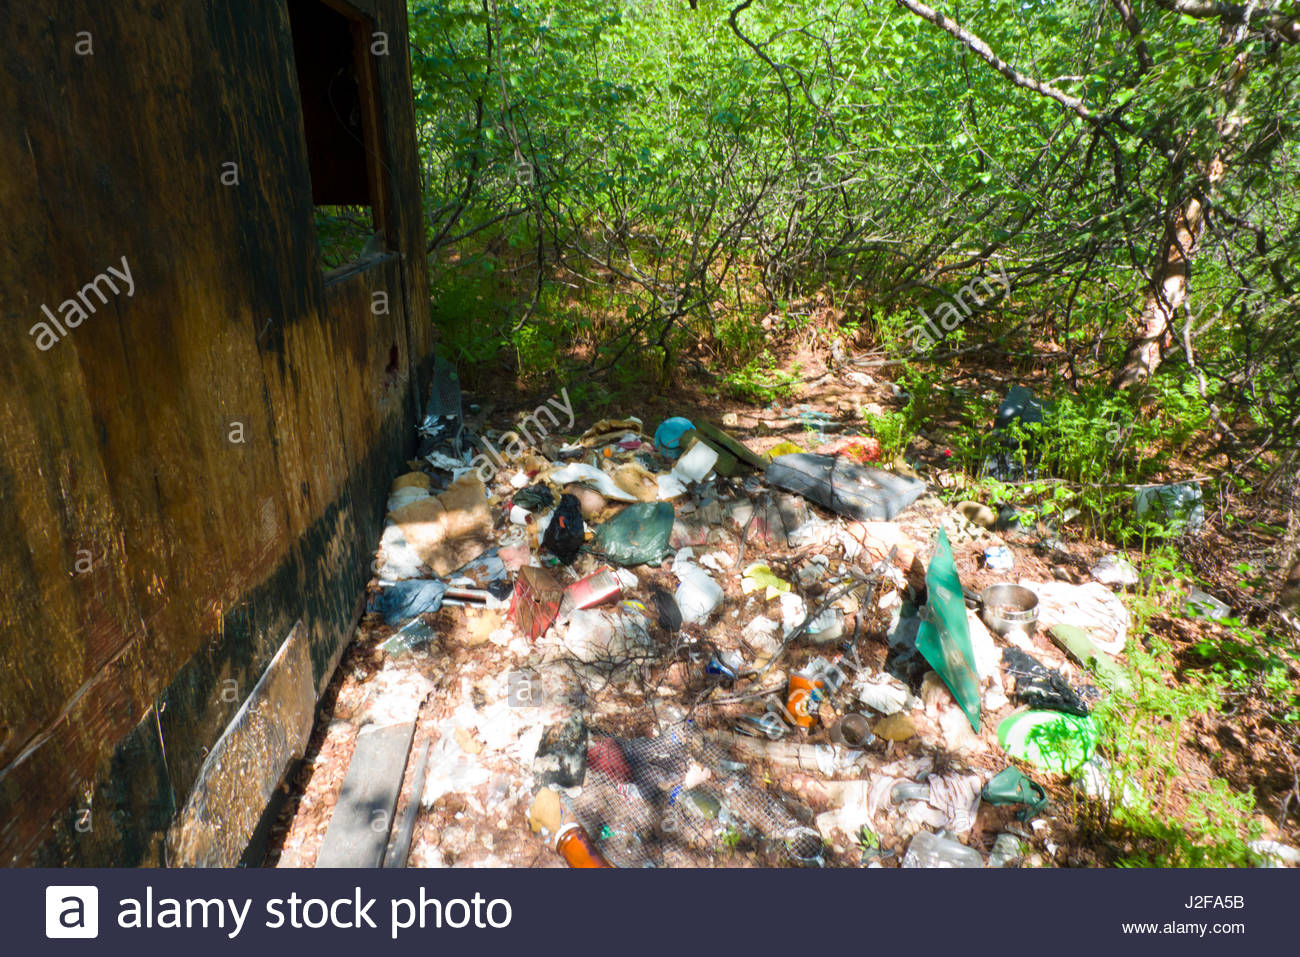 Alaska matanuska susitna county talkeetna - Piles Of Garbage At An Abandoned Squatter S Cabin Near Miami Lake Talkeetna Mountains Matanuska